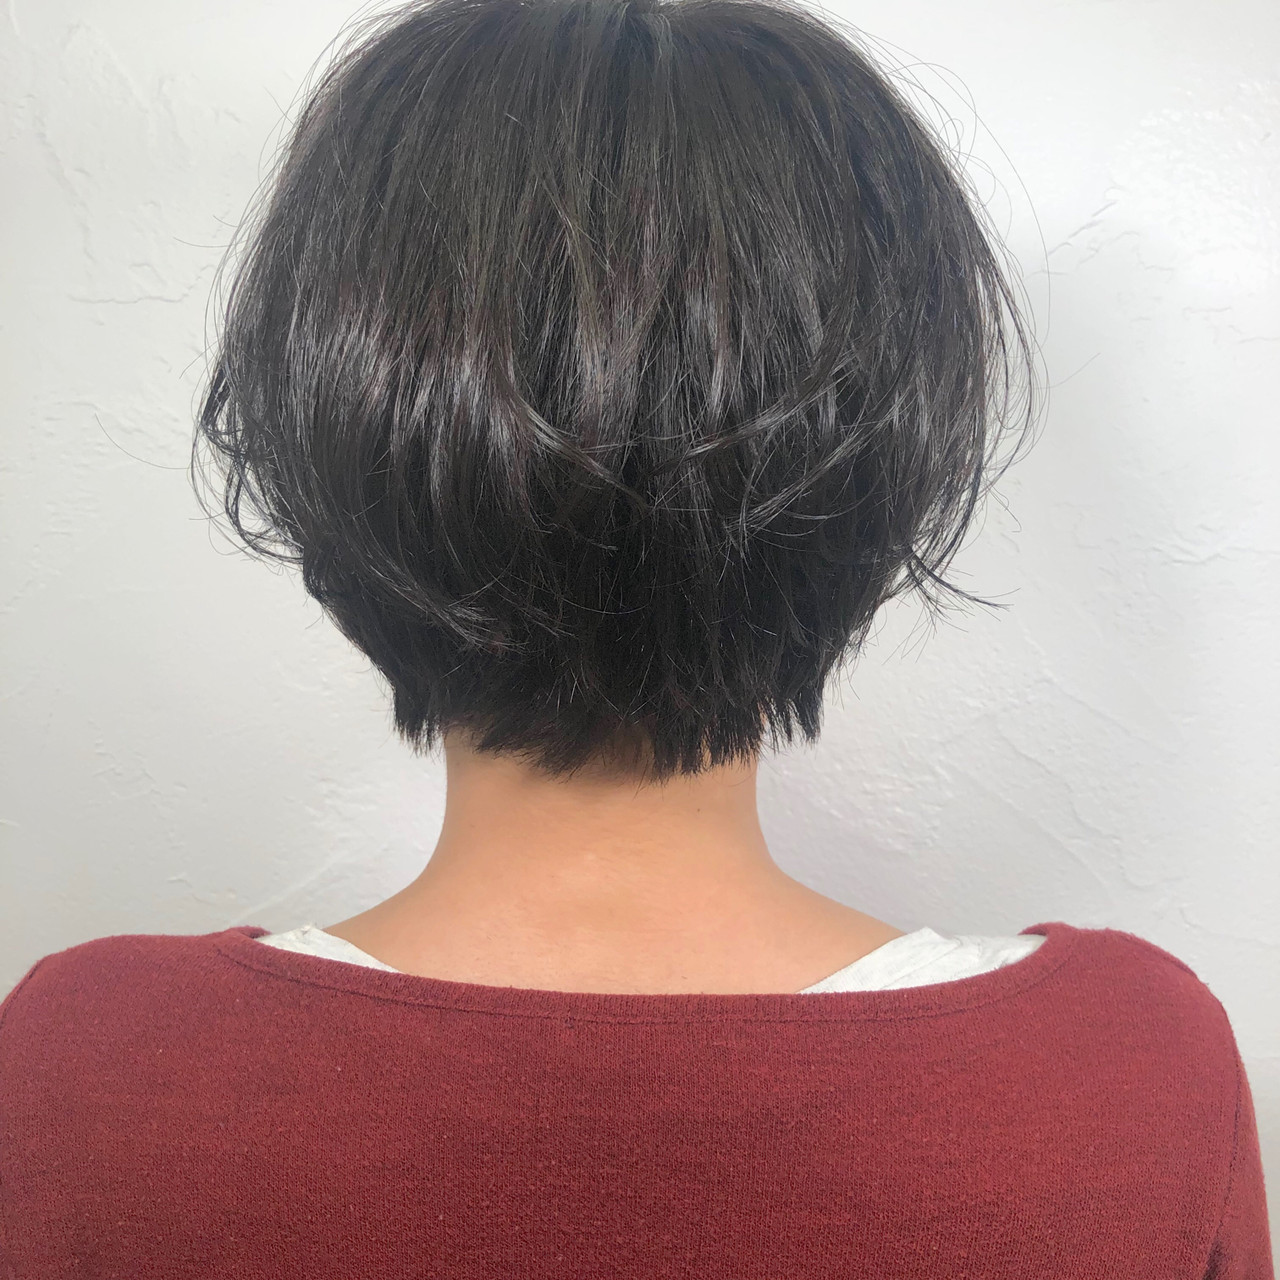 黒髪 デート ナチュラル ショート ヘアスタイルや髪型の写真・画像 | ヨシオカナミ / WILLOW〜shrothair&shortbob〜